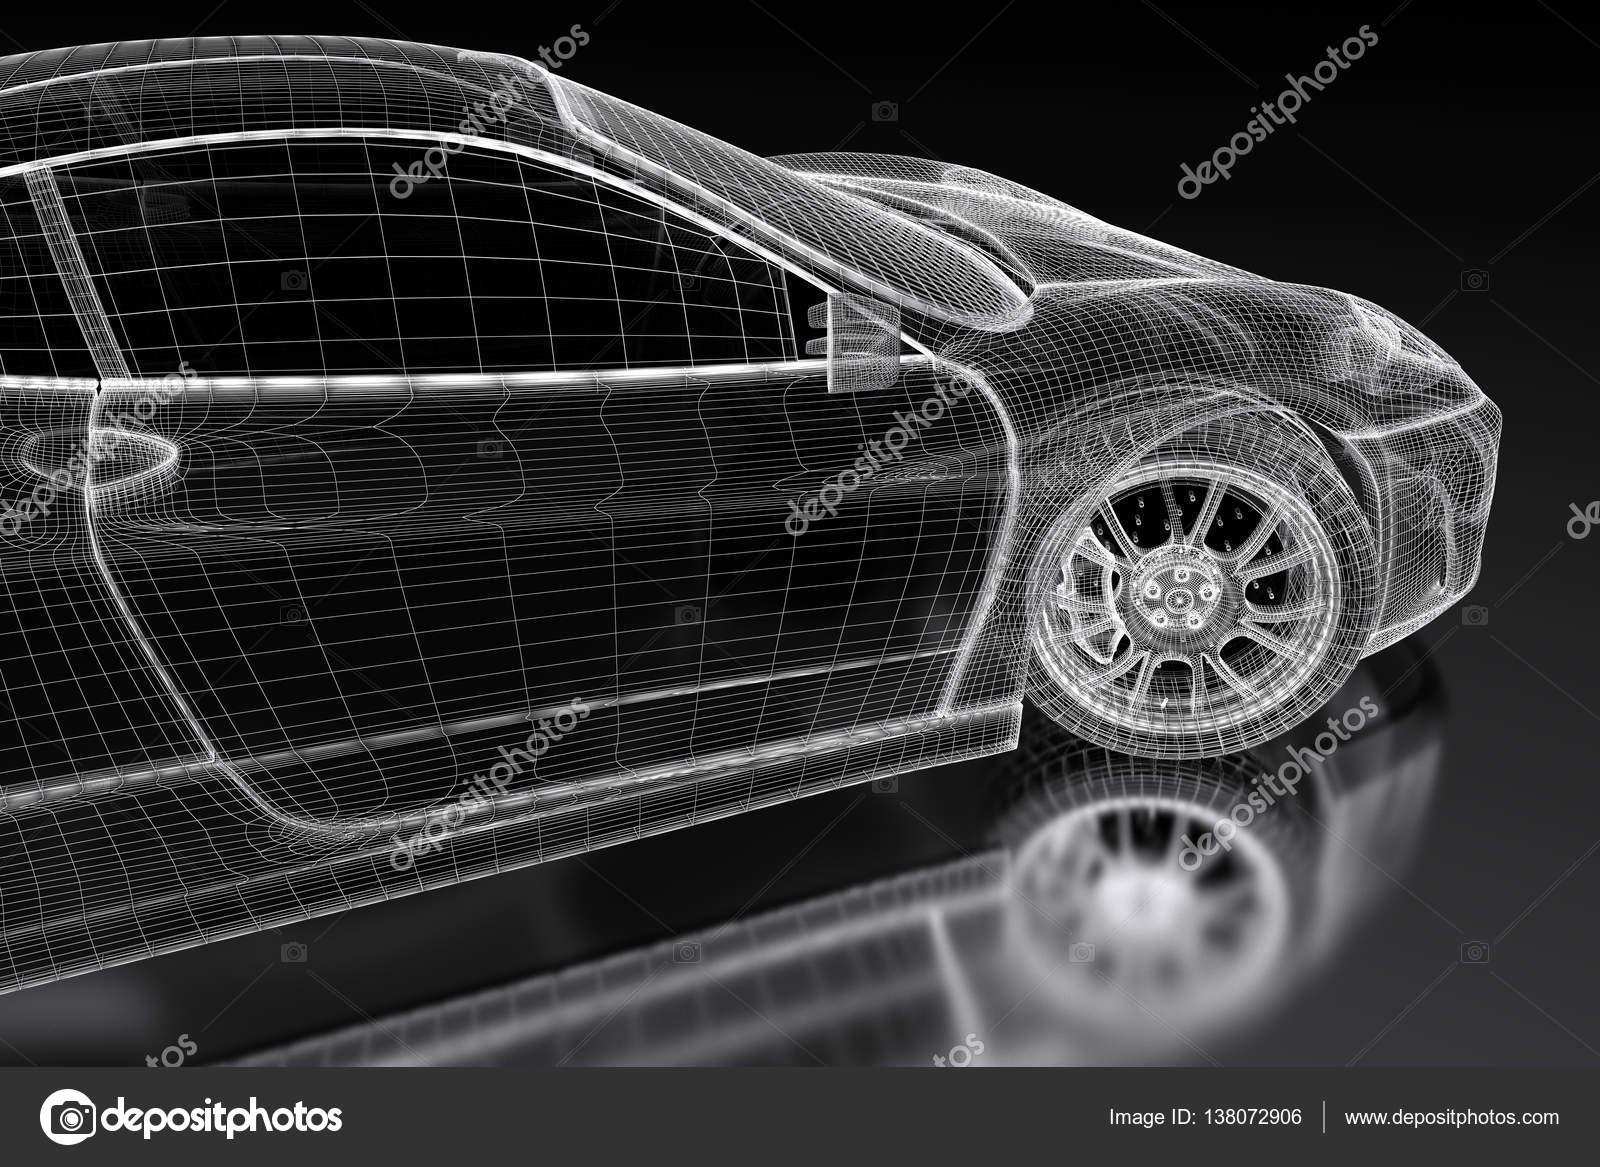 3D Auto-Netz auf einem schwarzen — Stockfoto © Shtanzman #138072906